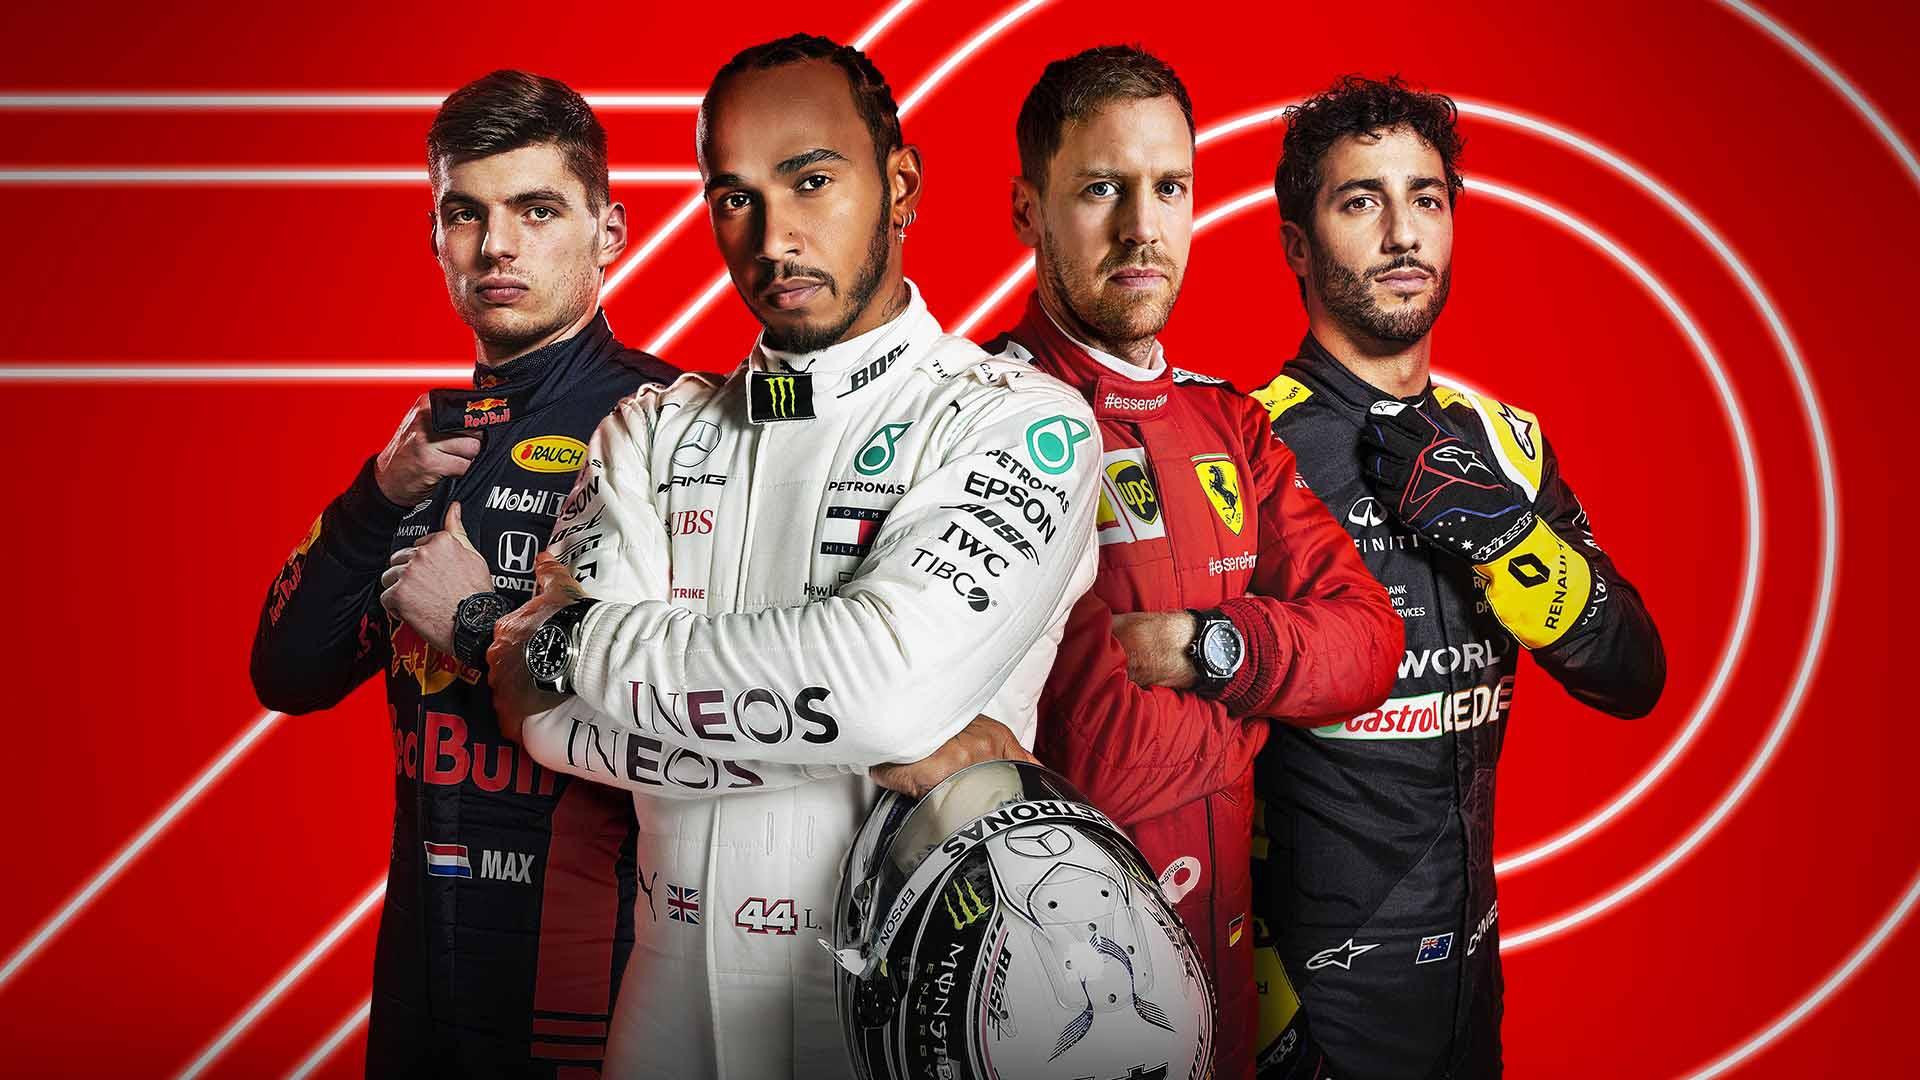 Completo análisis de rendimiento de F1 2020 en consolas confirma un gran rendimiento del juego 4